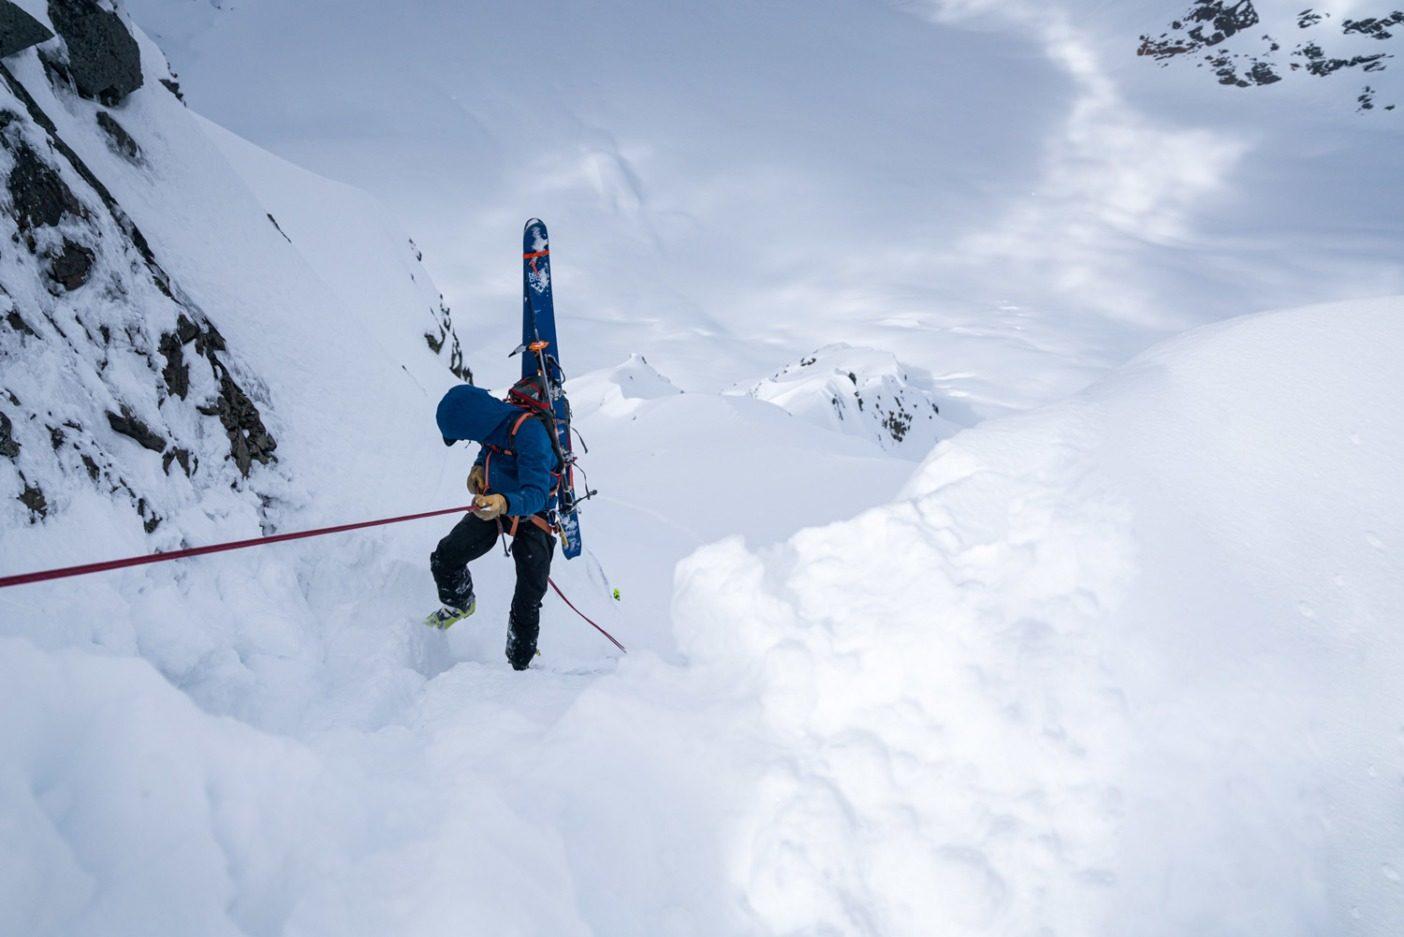 レスキューが保証されていない場所ではミスを犯すという選択肢はなく、パートナーが命綱になる。あらゆる物から遠く離れたスコットシンプソン山でエリック・ジョンソンは、「忌々しい山のクーロアール」へとアプザイレンしていく。下は数百メートルという危険な高さだ。Photo: Jasper Gibson